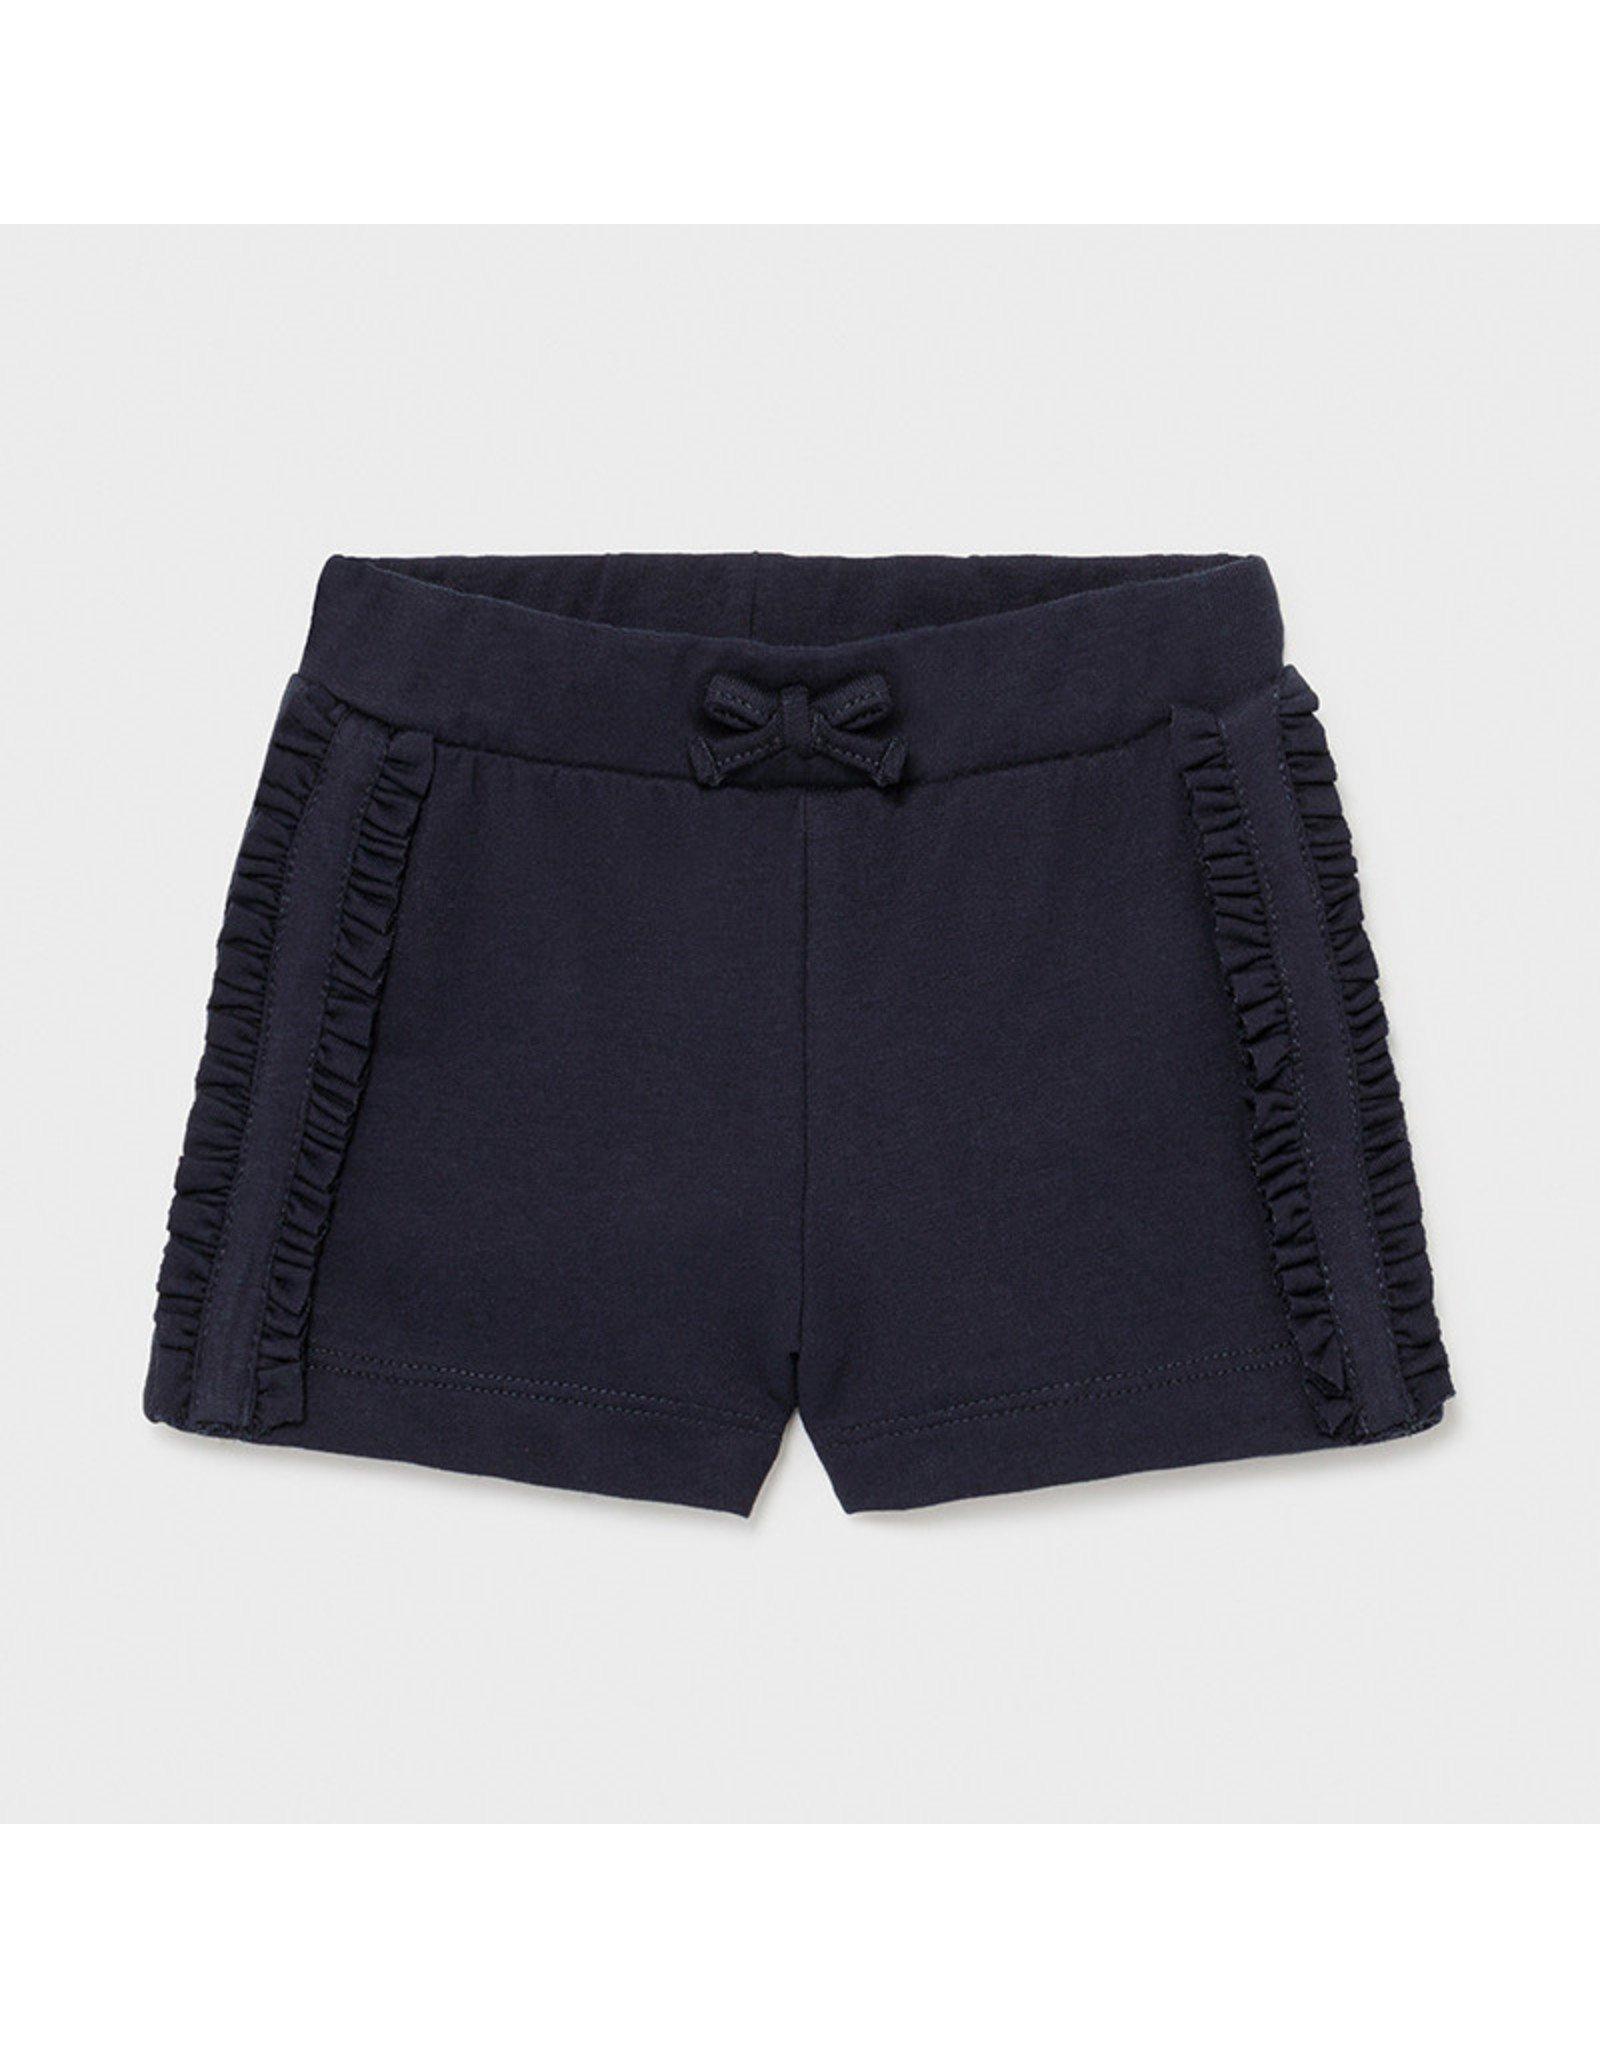 Mayoral Shorts  Navy